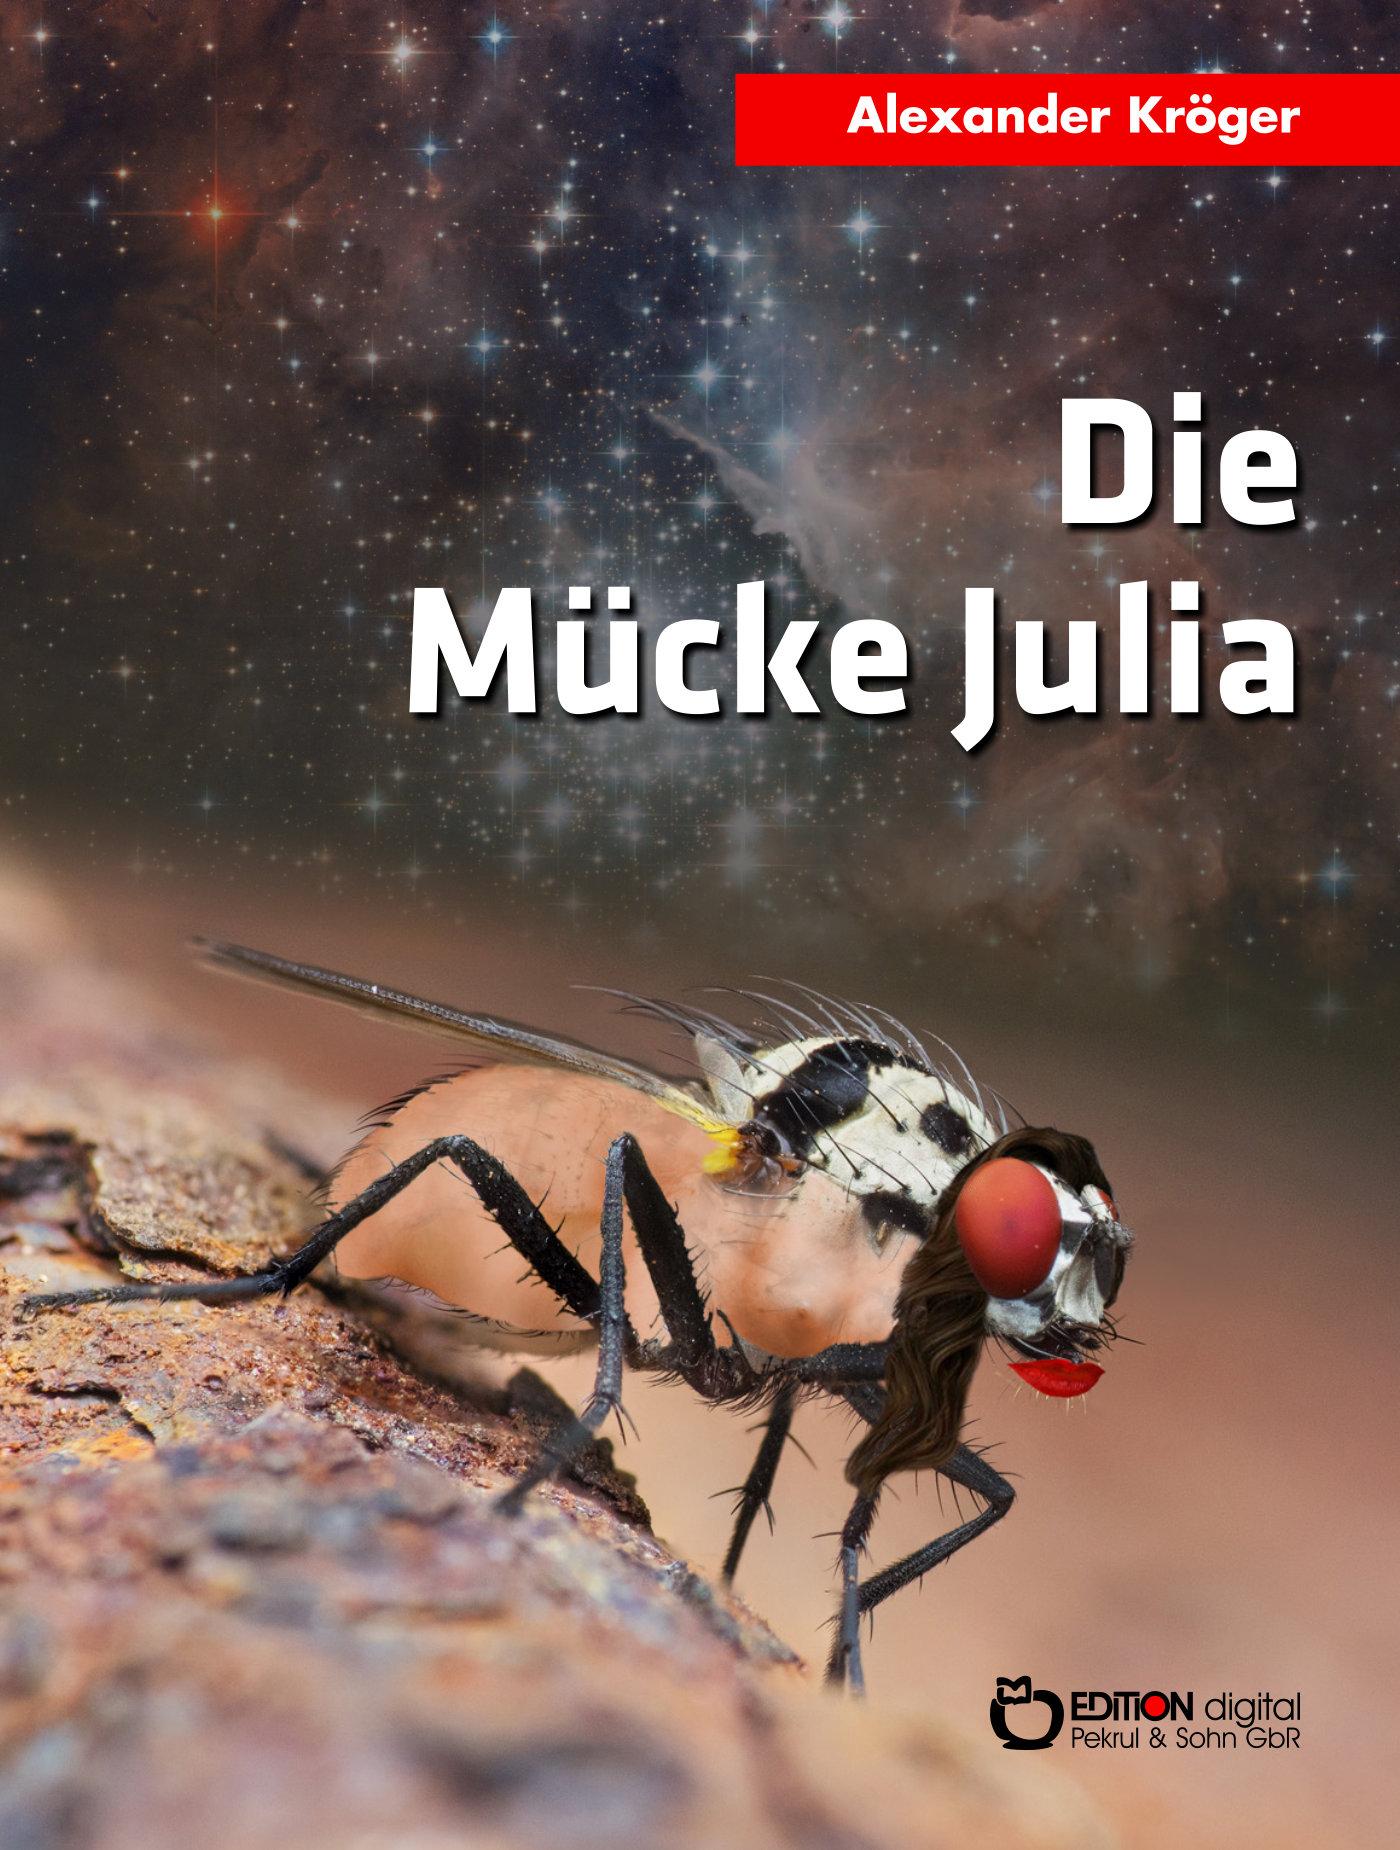 Die Mücke Julia. Fantastische Geschichten von Alexander Kröger